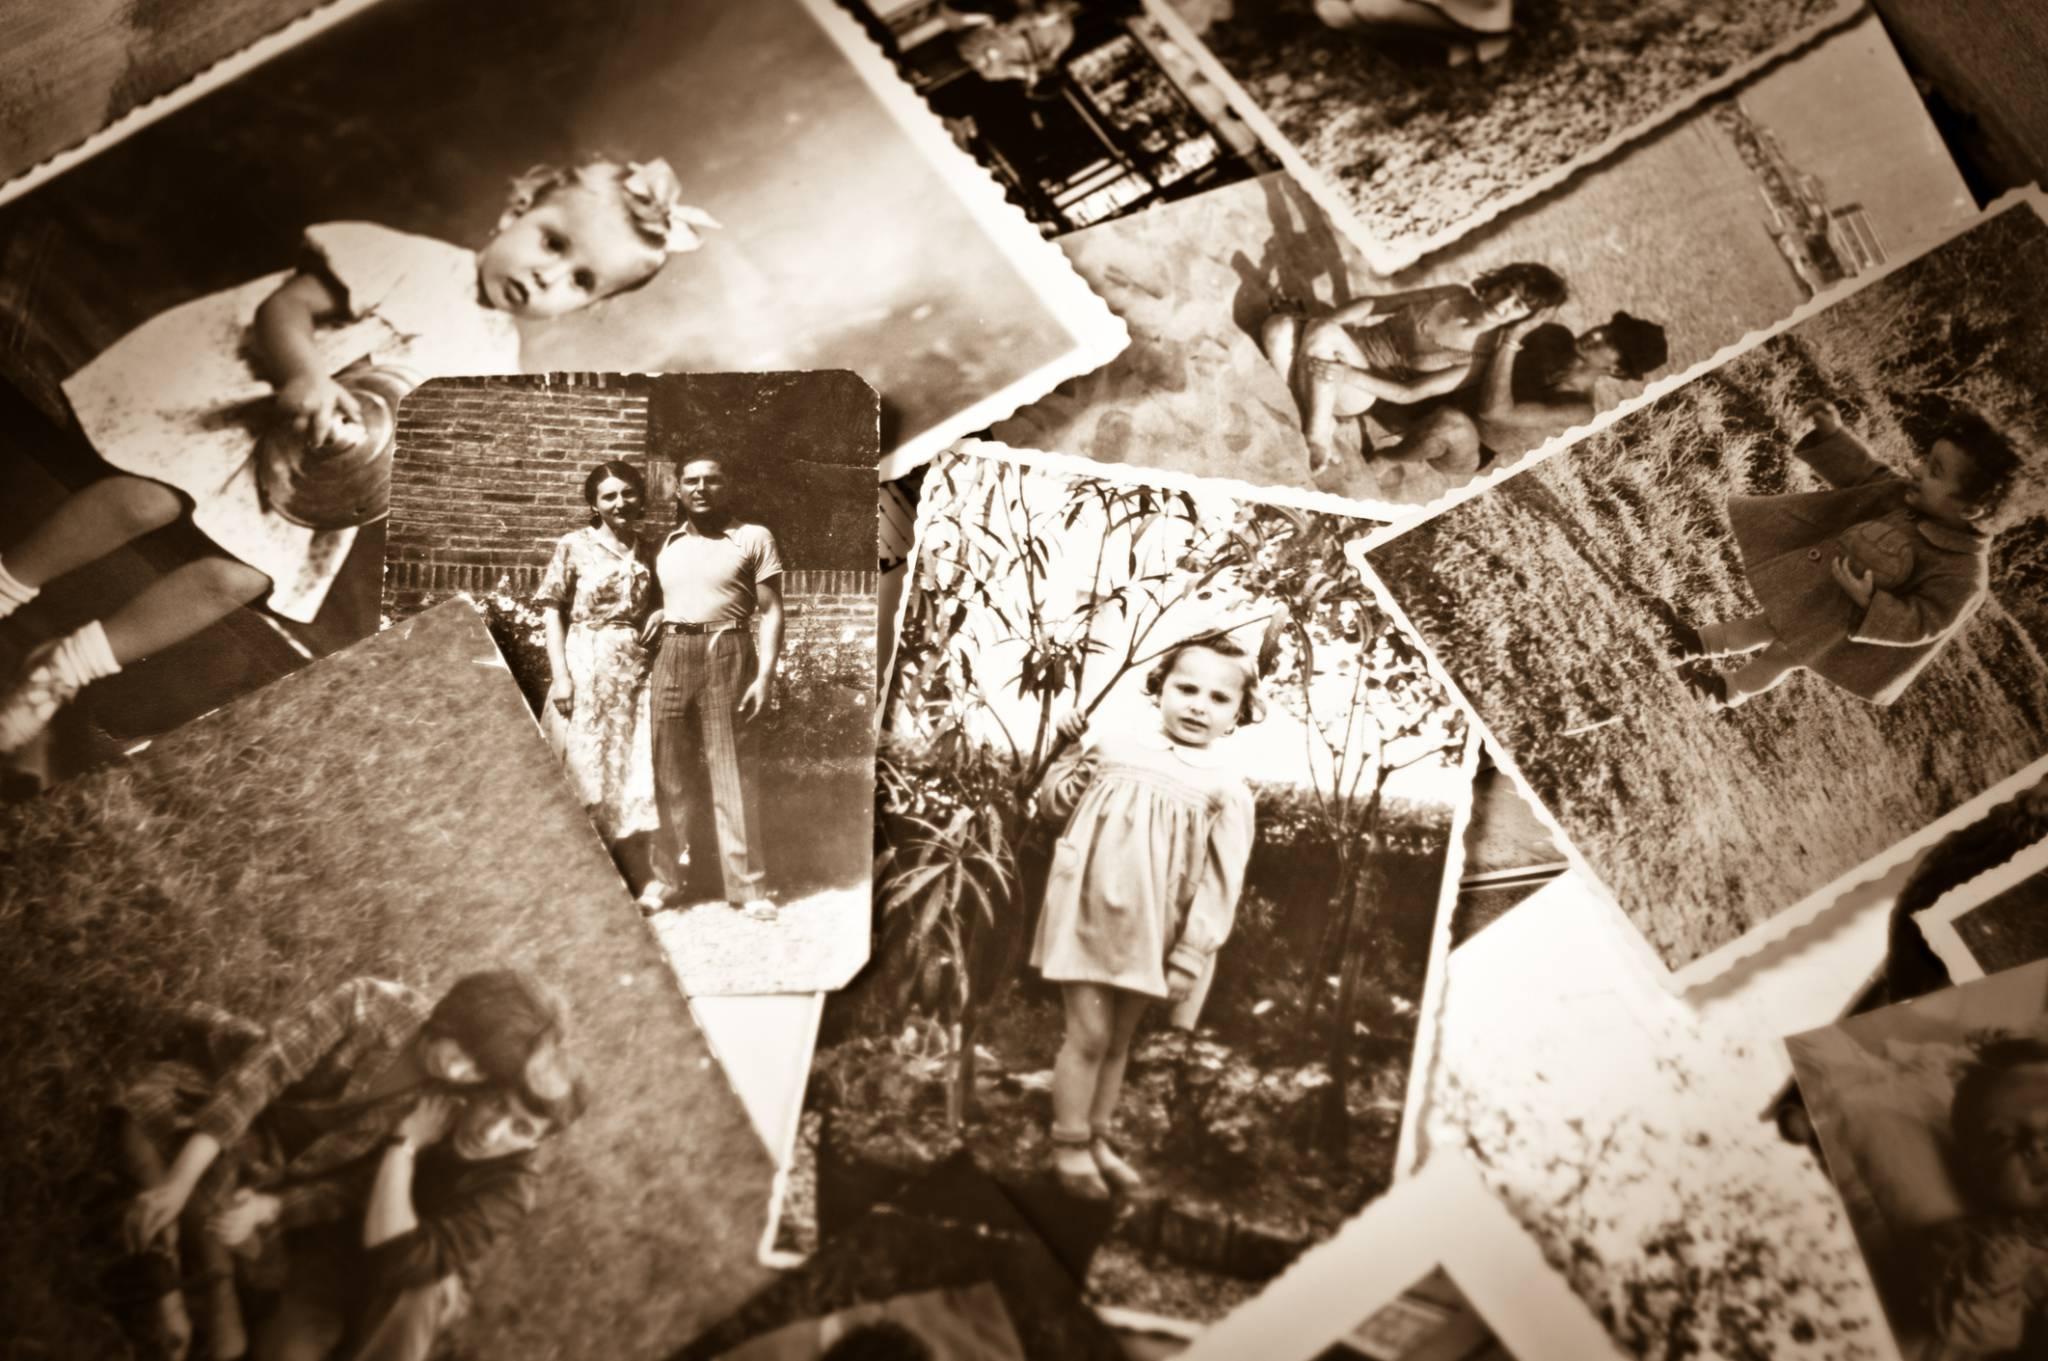 Jakie znaczenie dla naszego życia ma to, co pamiętamy z przeszłości? - wyjaśnia Wojciech Eichelberger